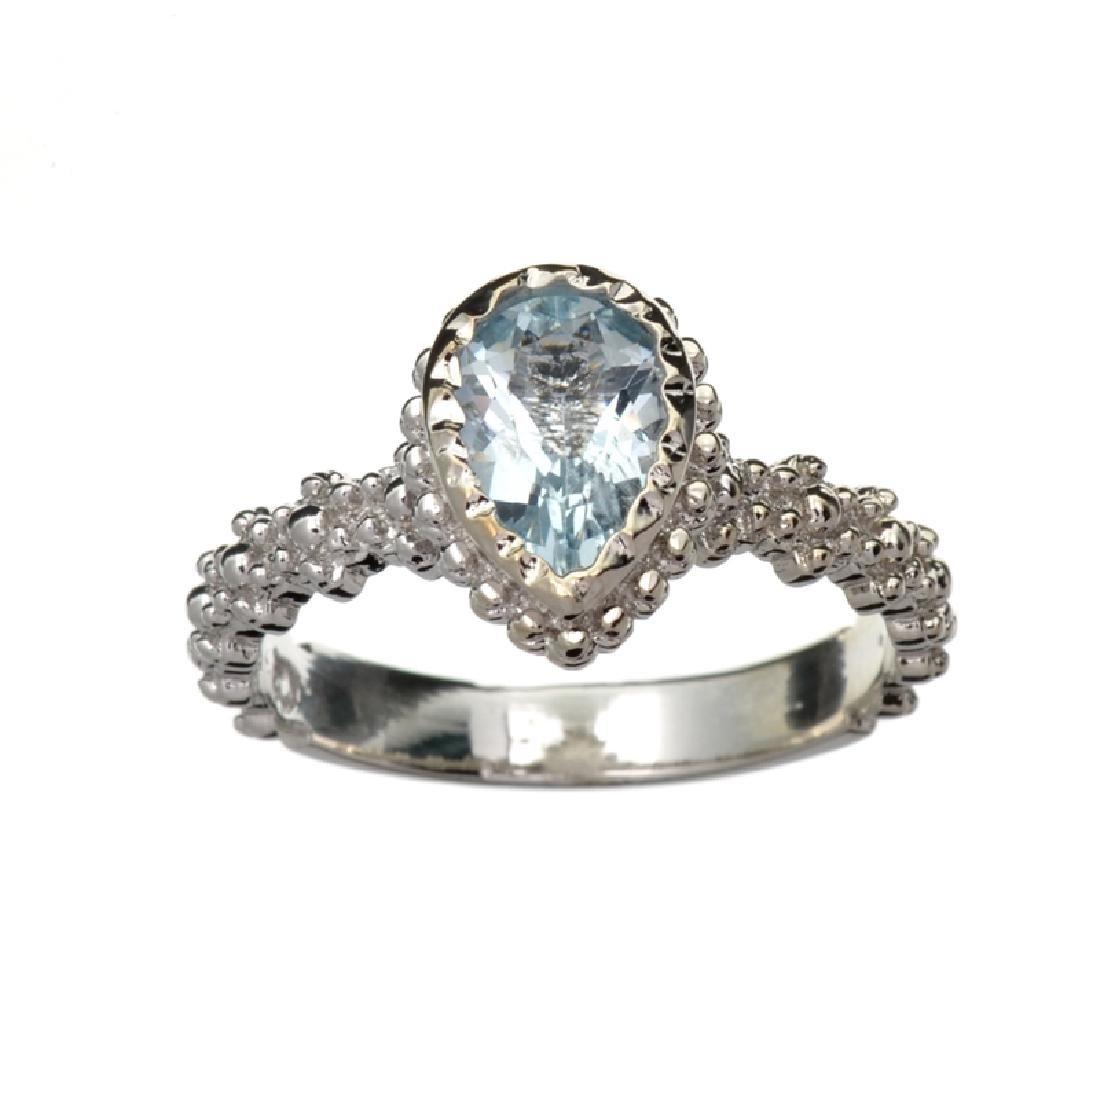 APP: 1k Fine Jewelry 1.45CT Pear Cut Aquamarine Beryl